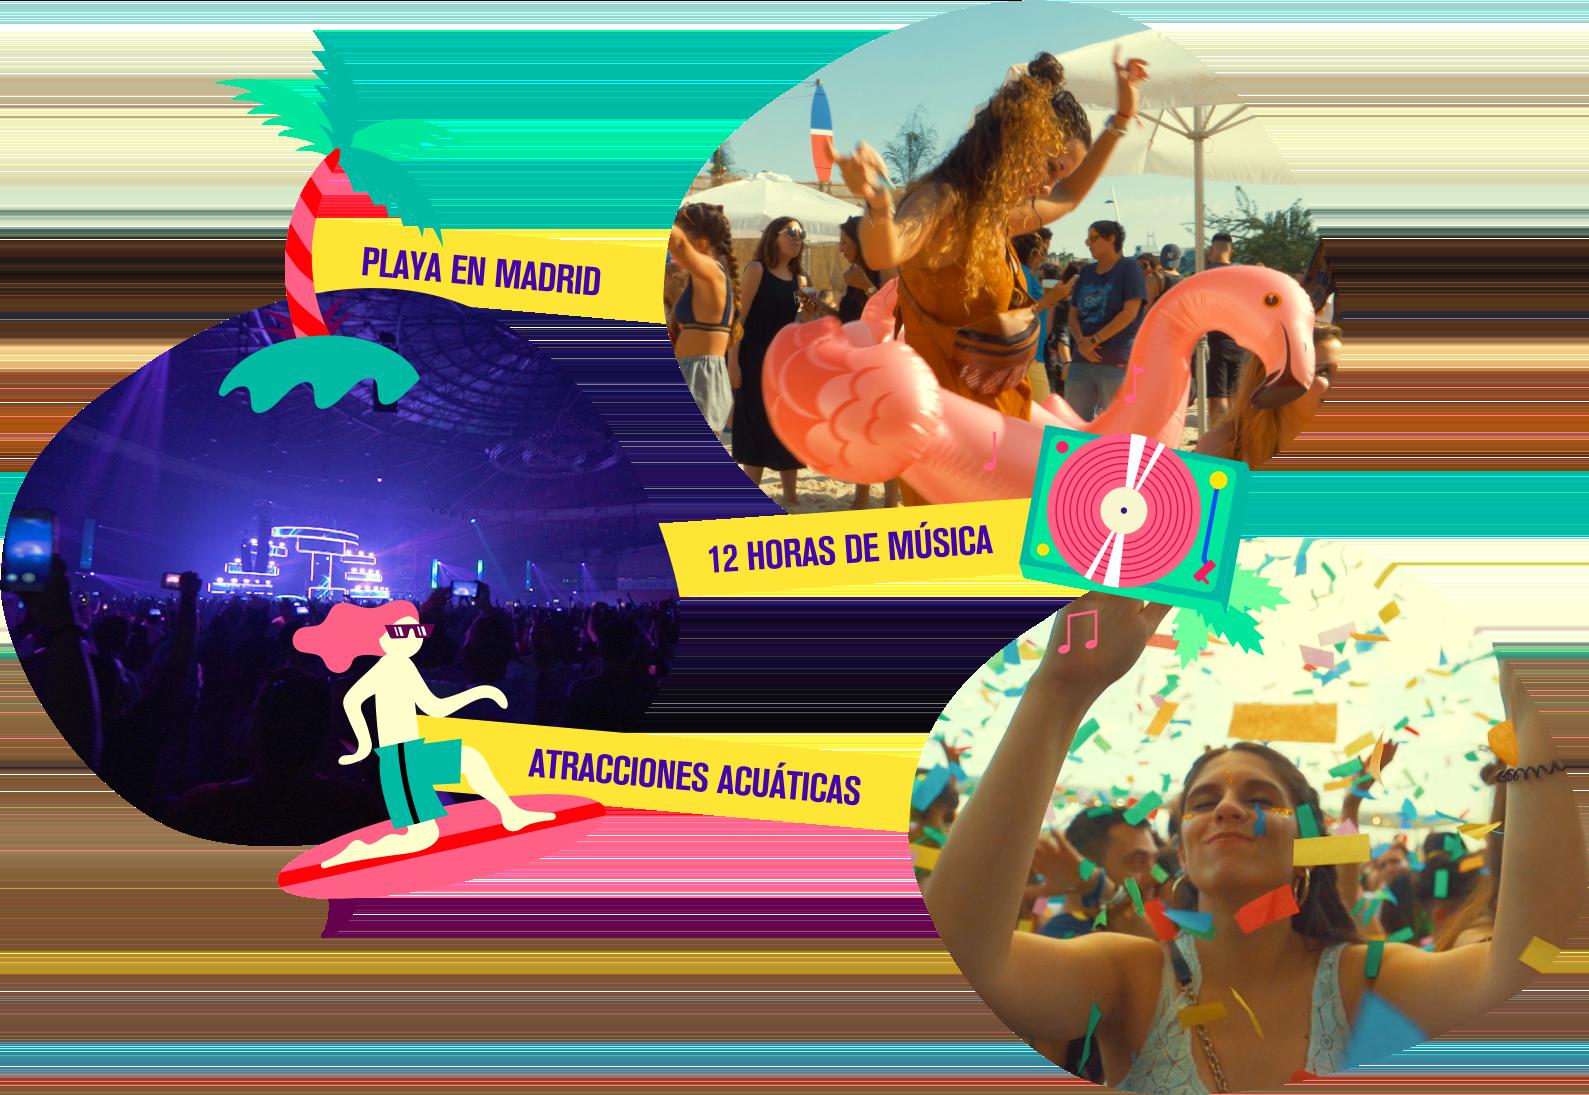 MTV-Summer-Day-Playa-Madrid-Atracciones-Acuaticas